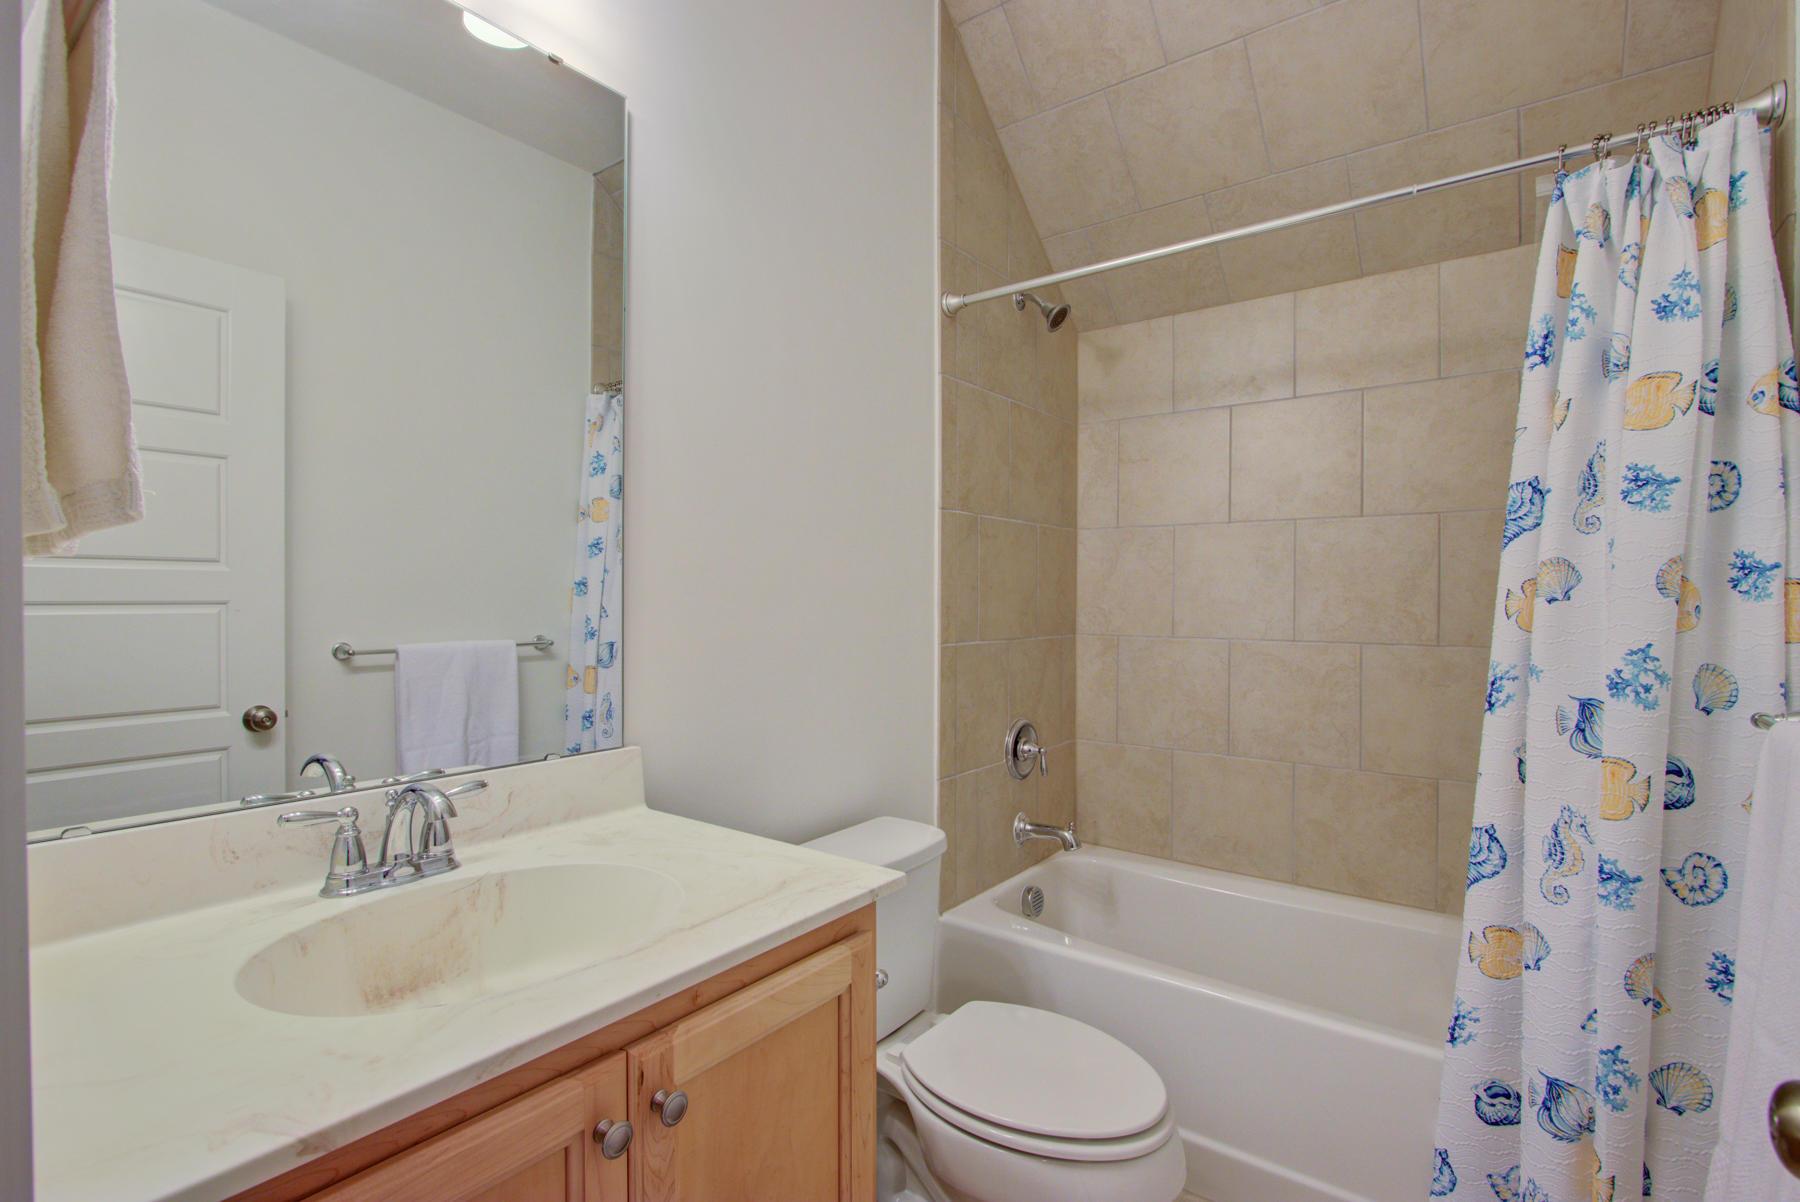 Dunes West Homes For Sale - 2984 Yachtsman, Mount Pleasant, SC - 33